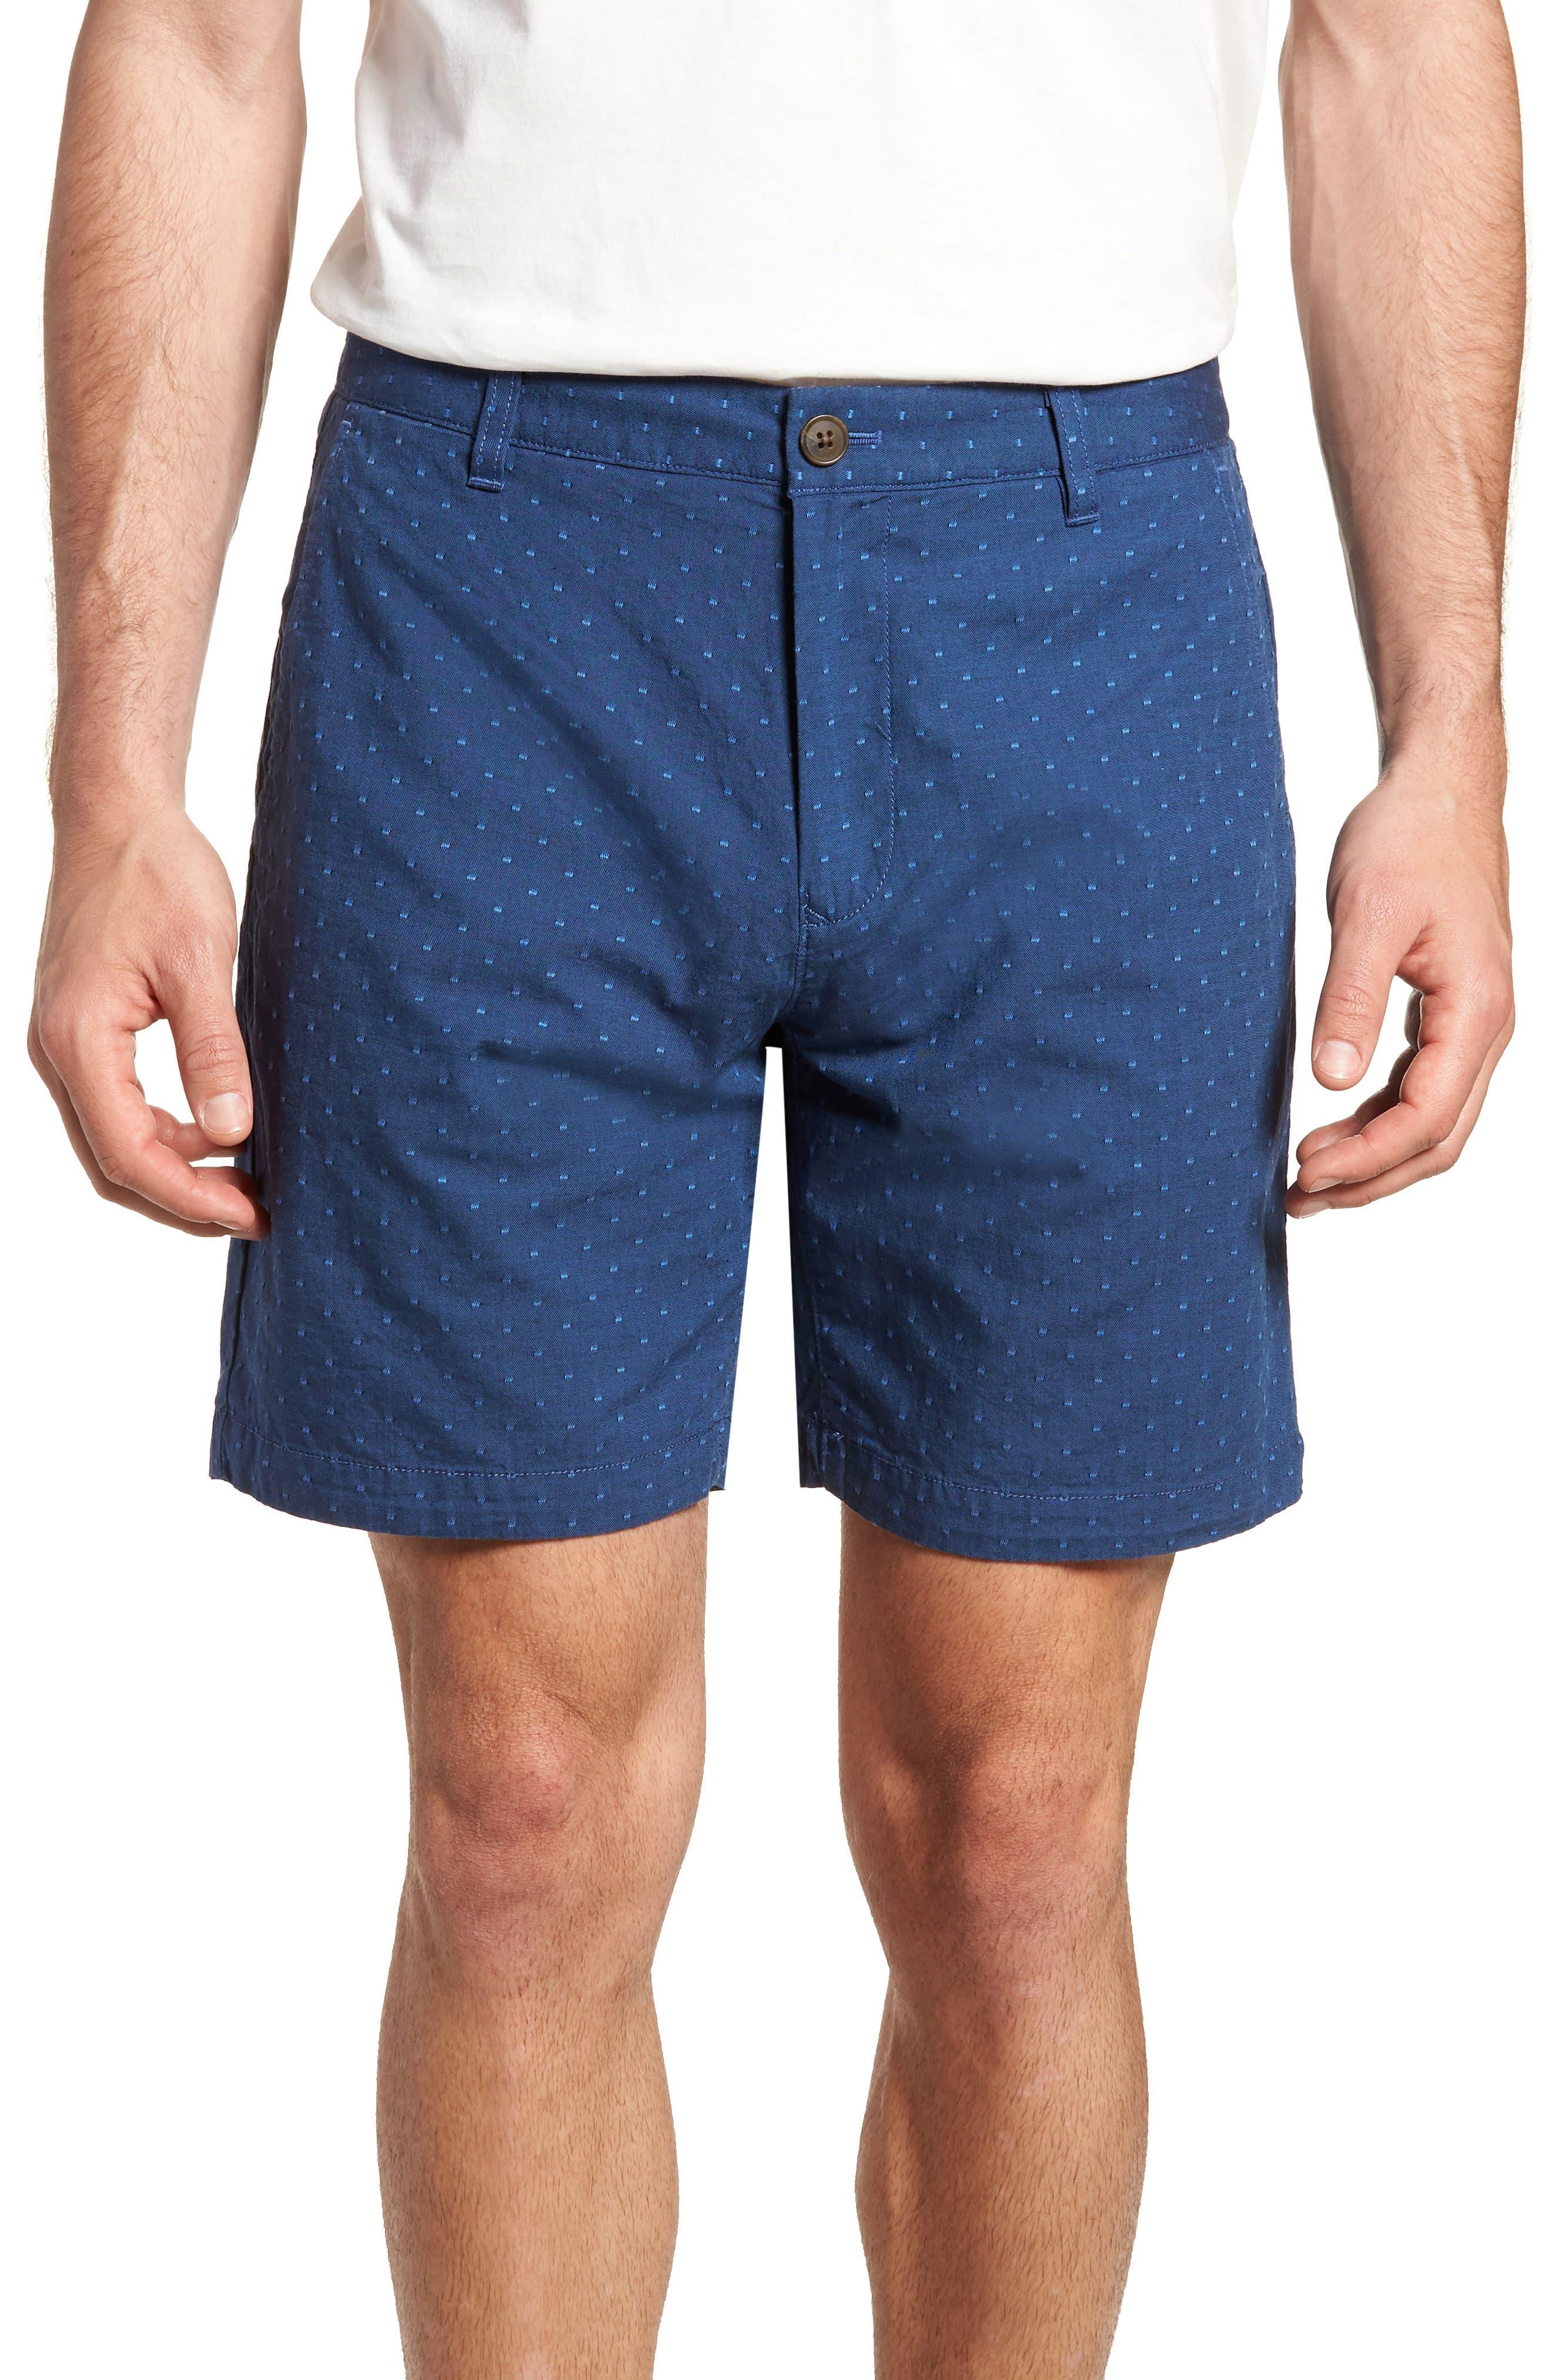 Novelty Chino Shorts,                             Main thumbnail 1, color,                             Blue Dot Jacquard